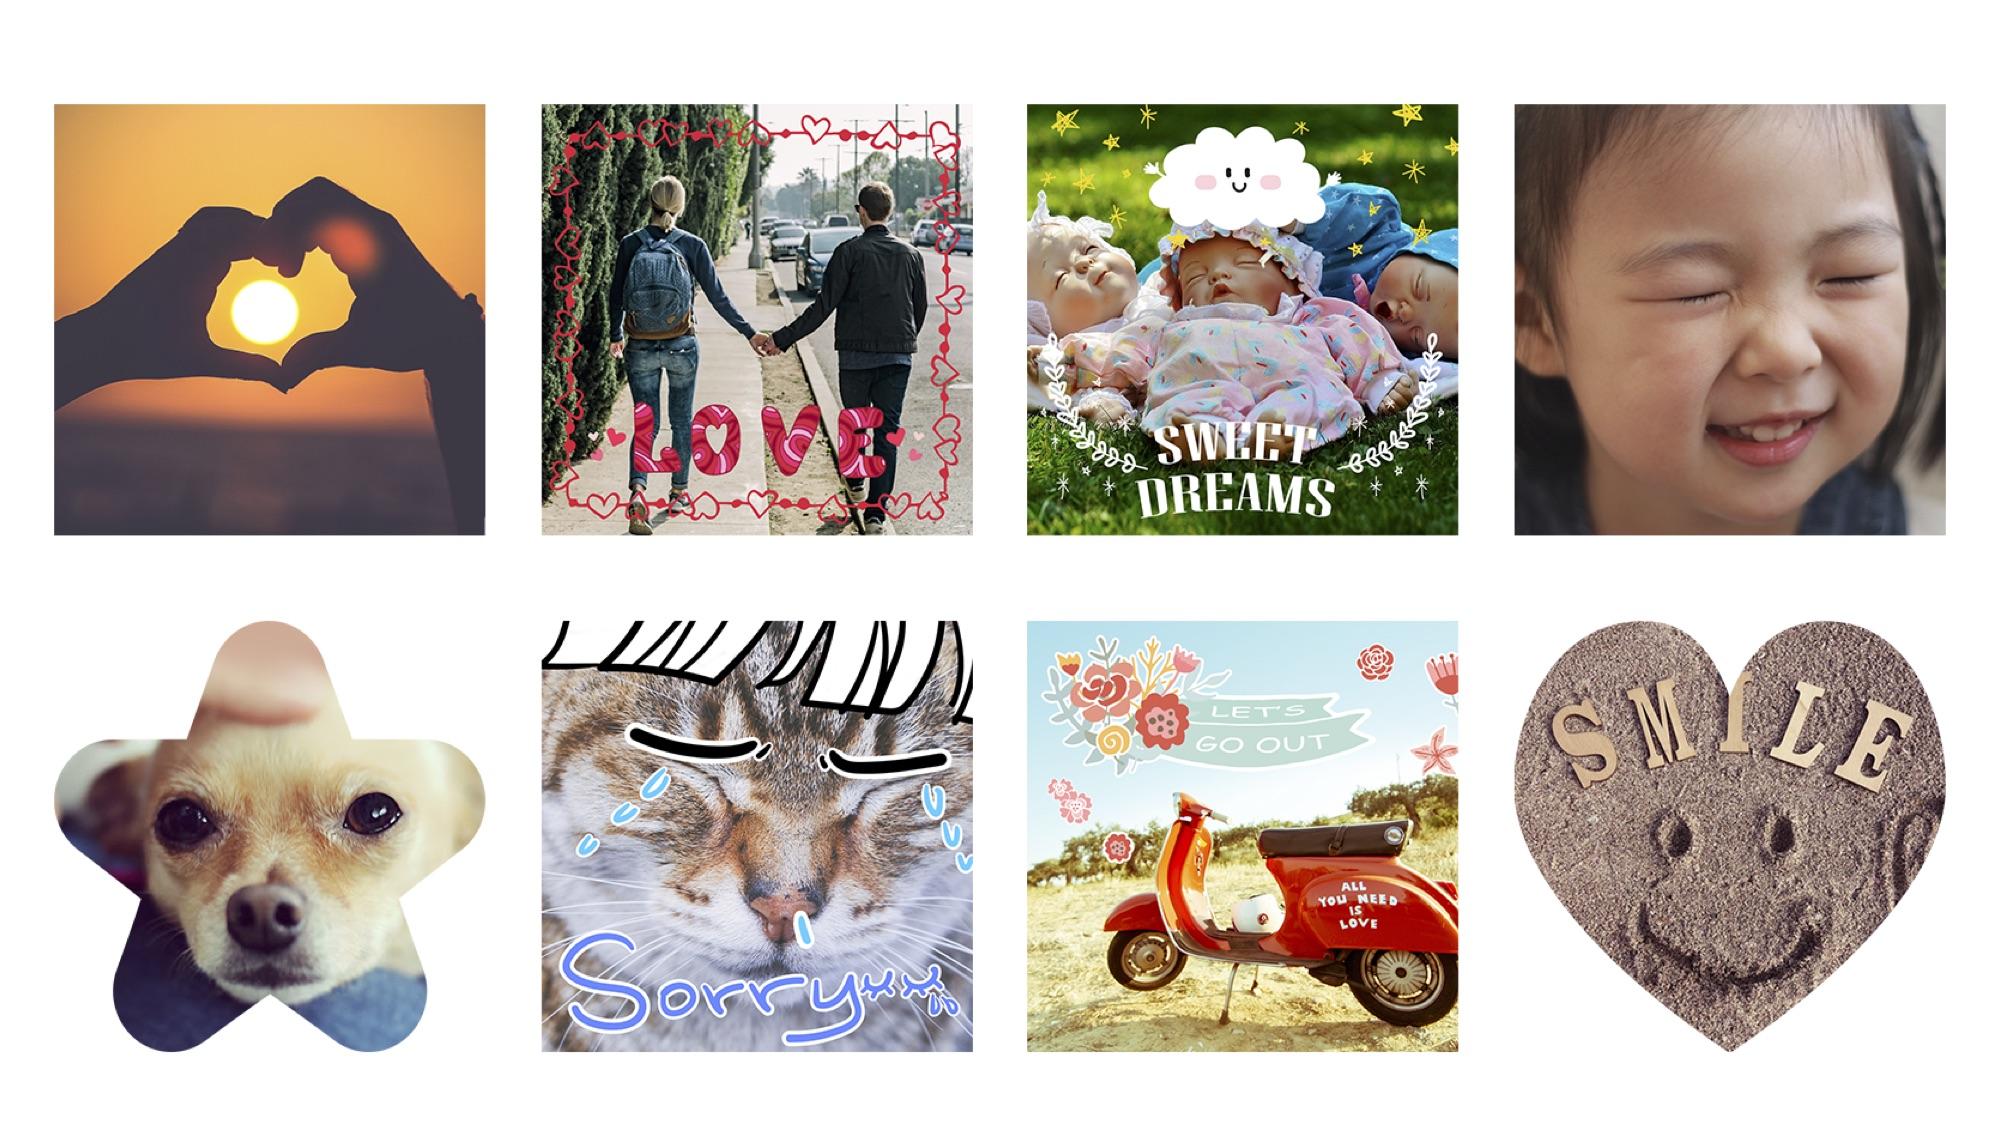 /stf/linecorp/ja/pr/photo_stickers_image.jpg